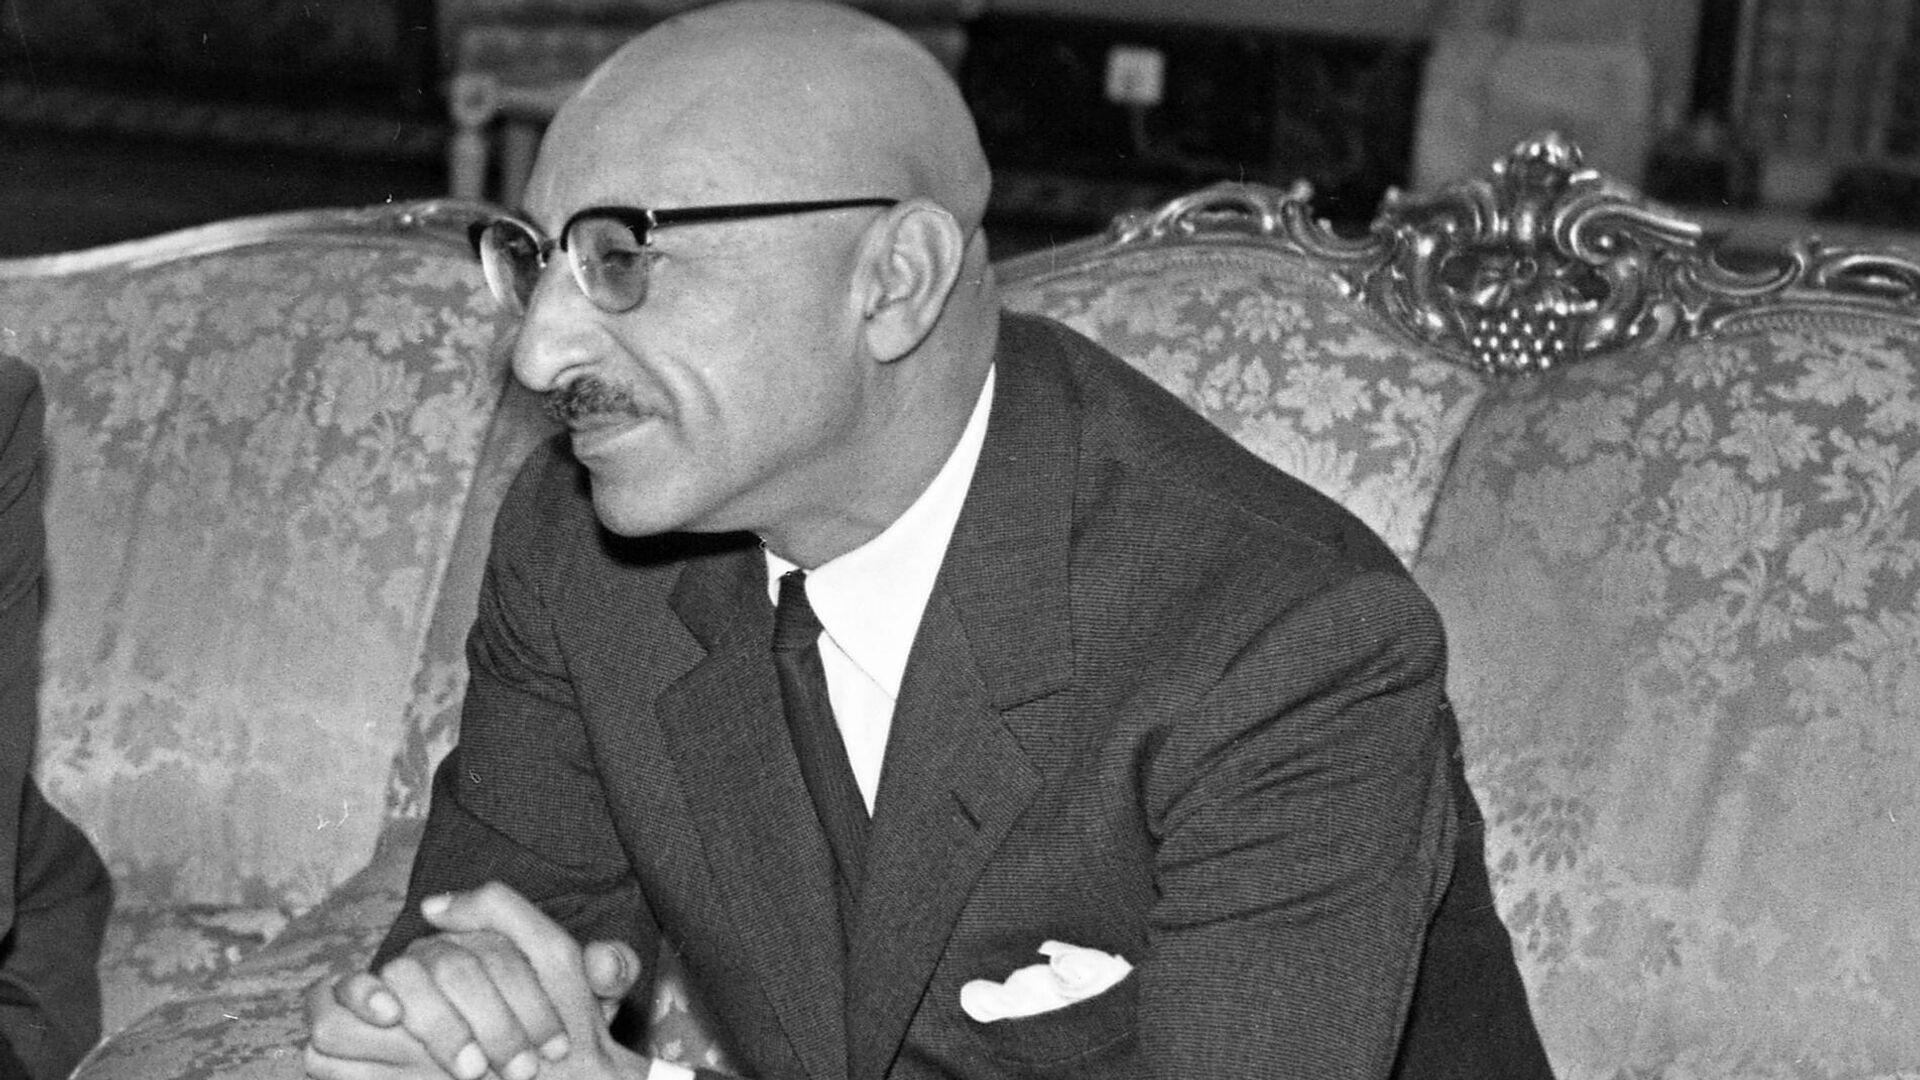 საბჭოთა კავშირის გმირის, საბჭოთა მფრინავ-კოსმონავტ გერმან ტიტოვის ვიზიტი ავღანეთის სამეფოში - Sputnik საქართველო, 1920, 28.09.2021